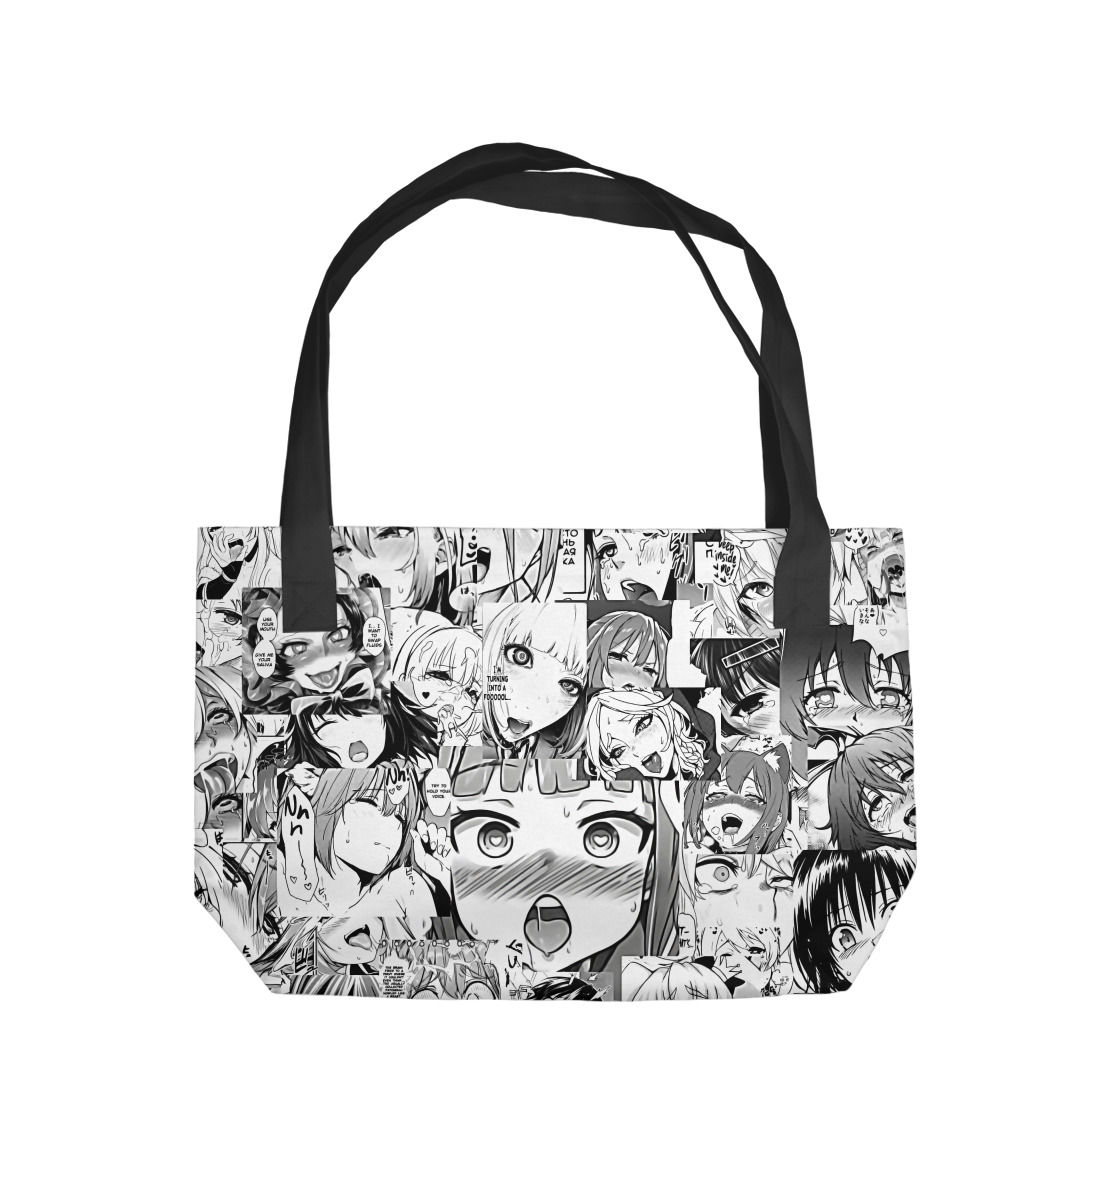 Пляжная сумка Ahegao classic